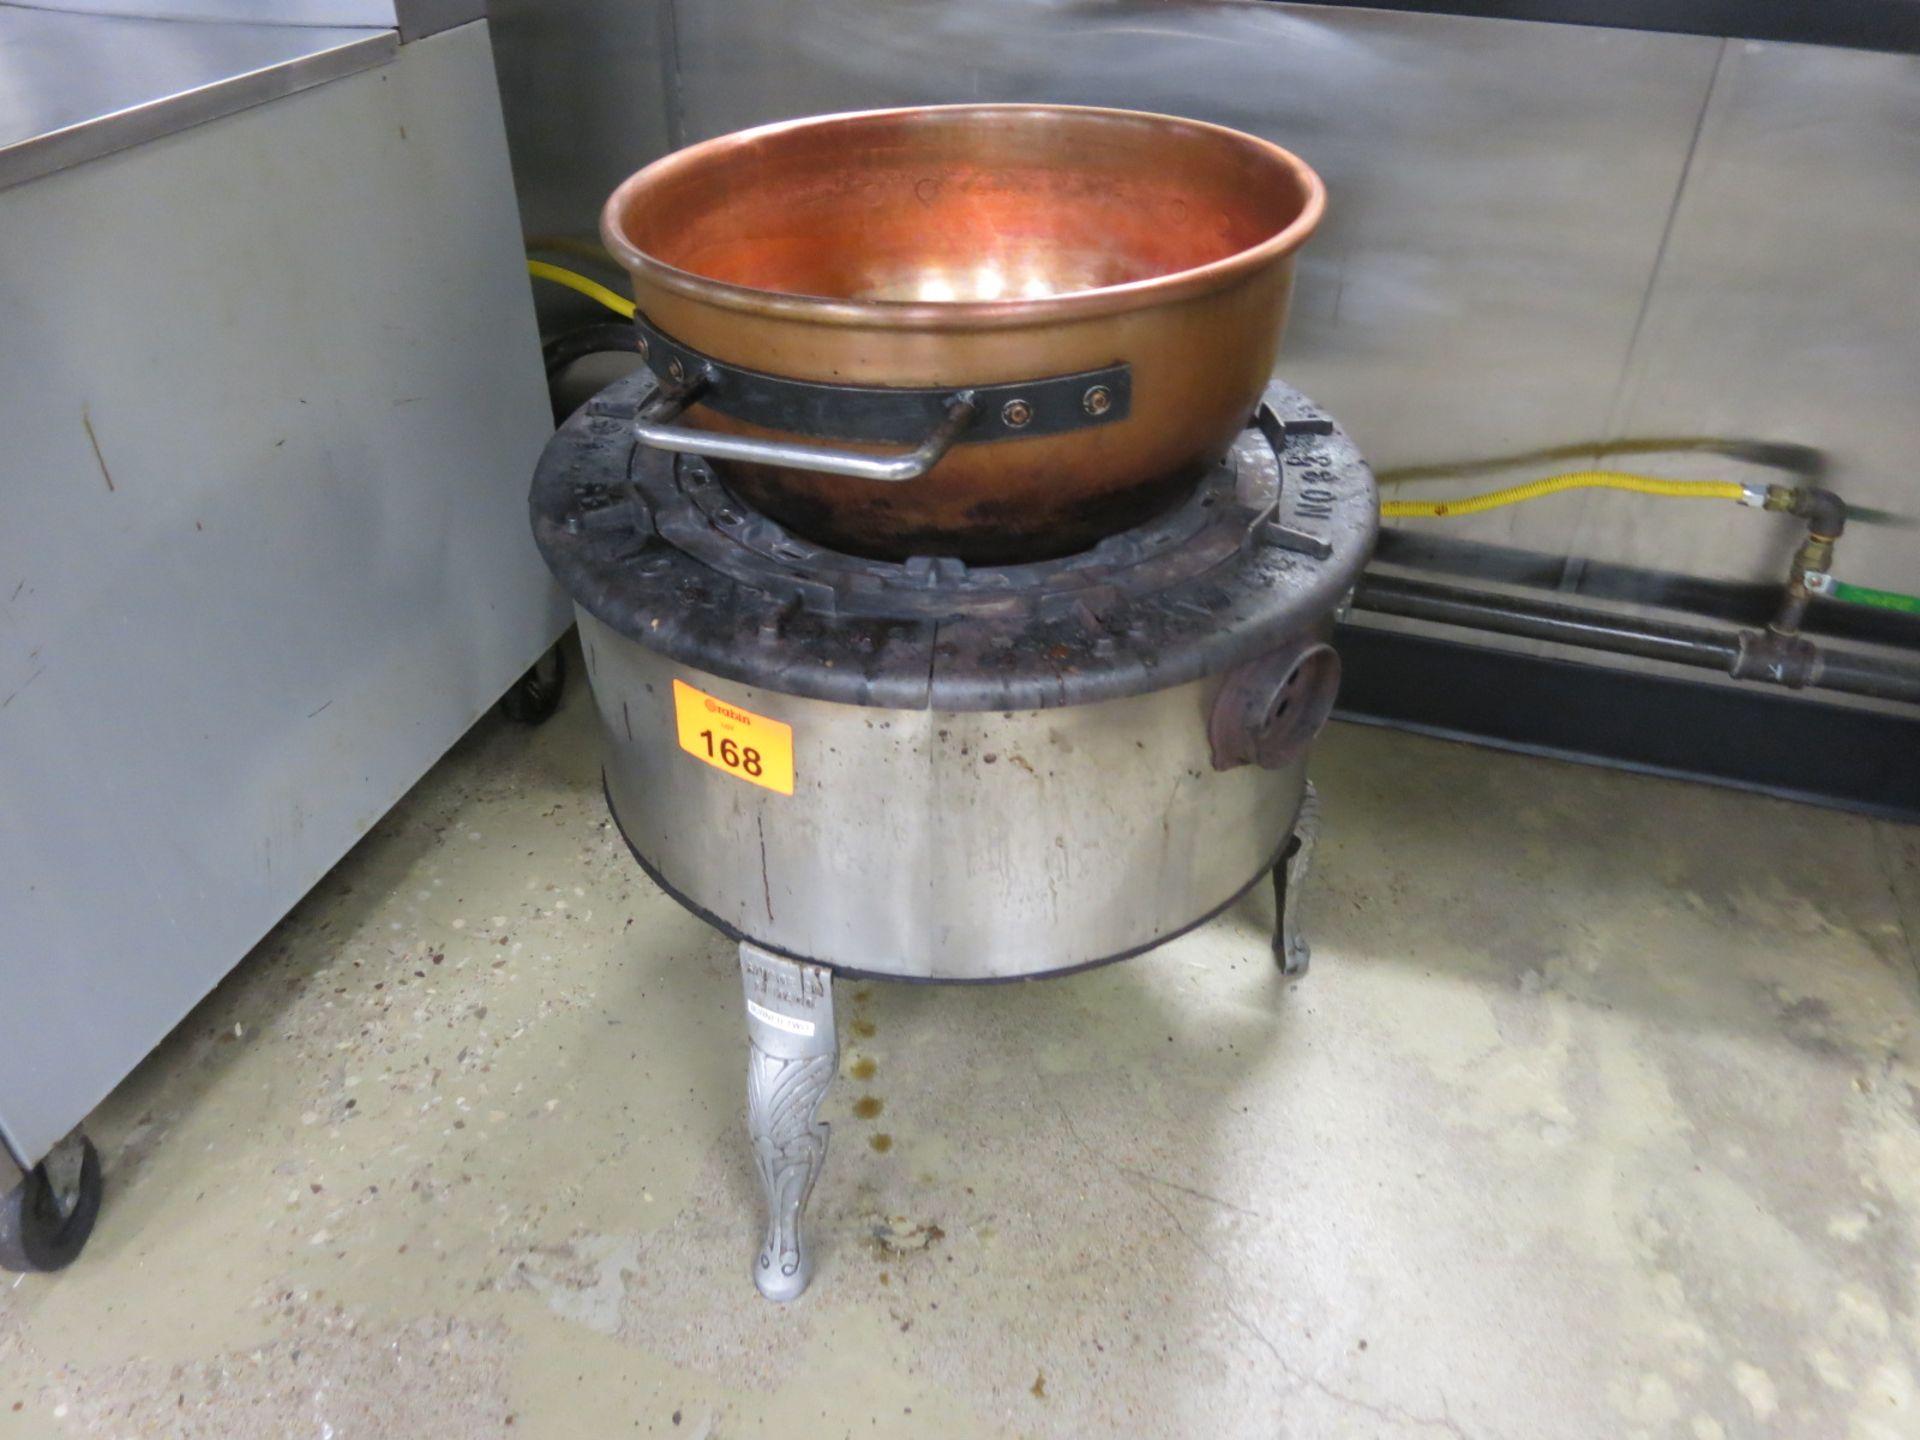 Lot 168 - Fire Mixer